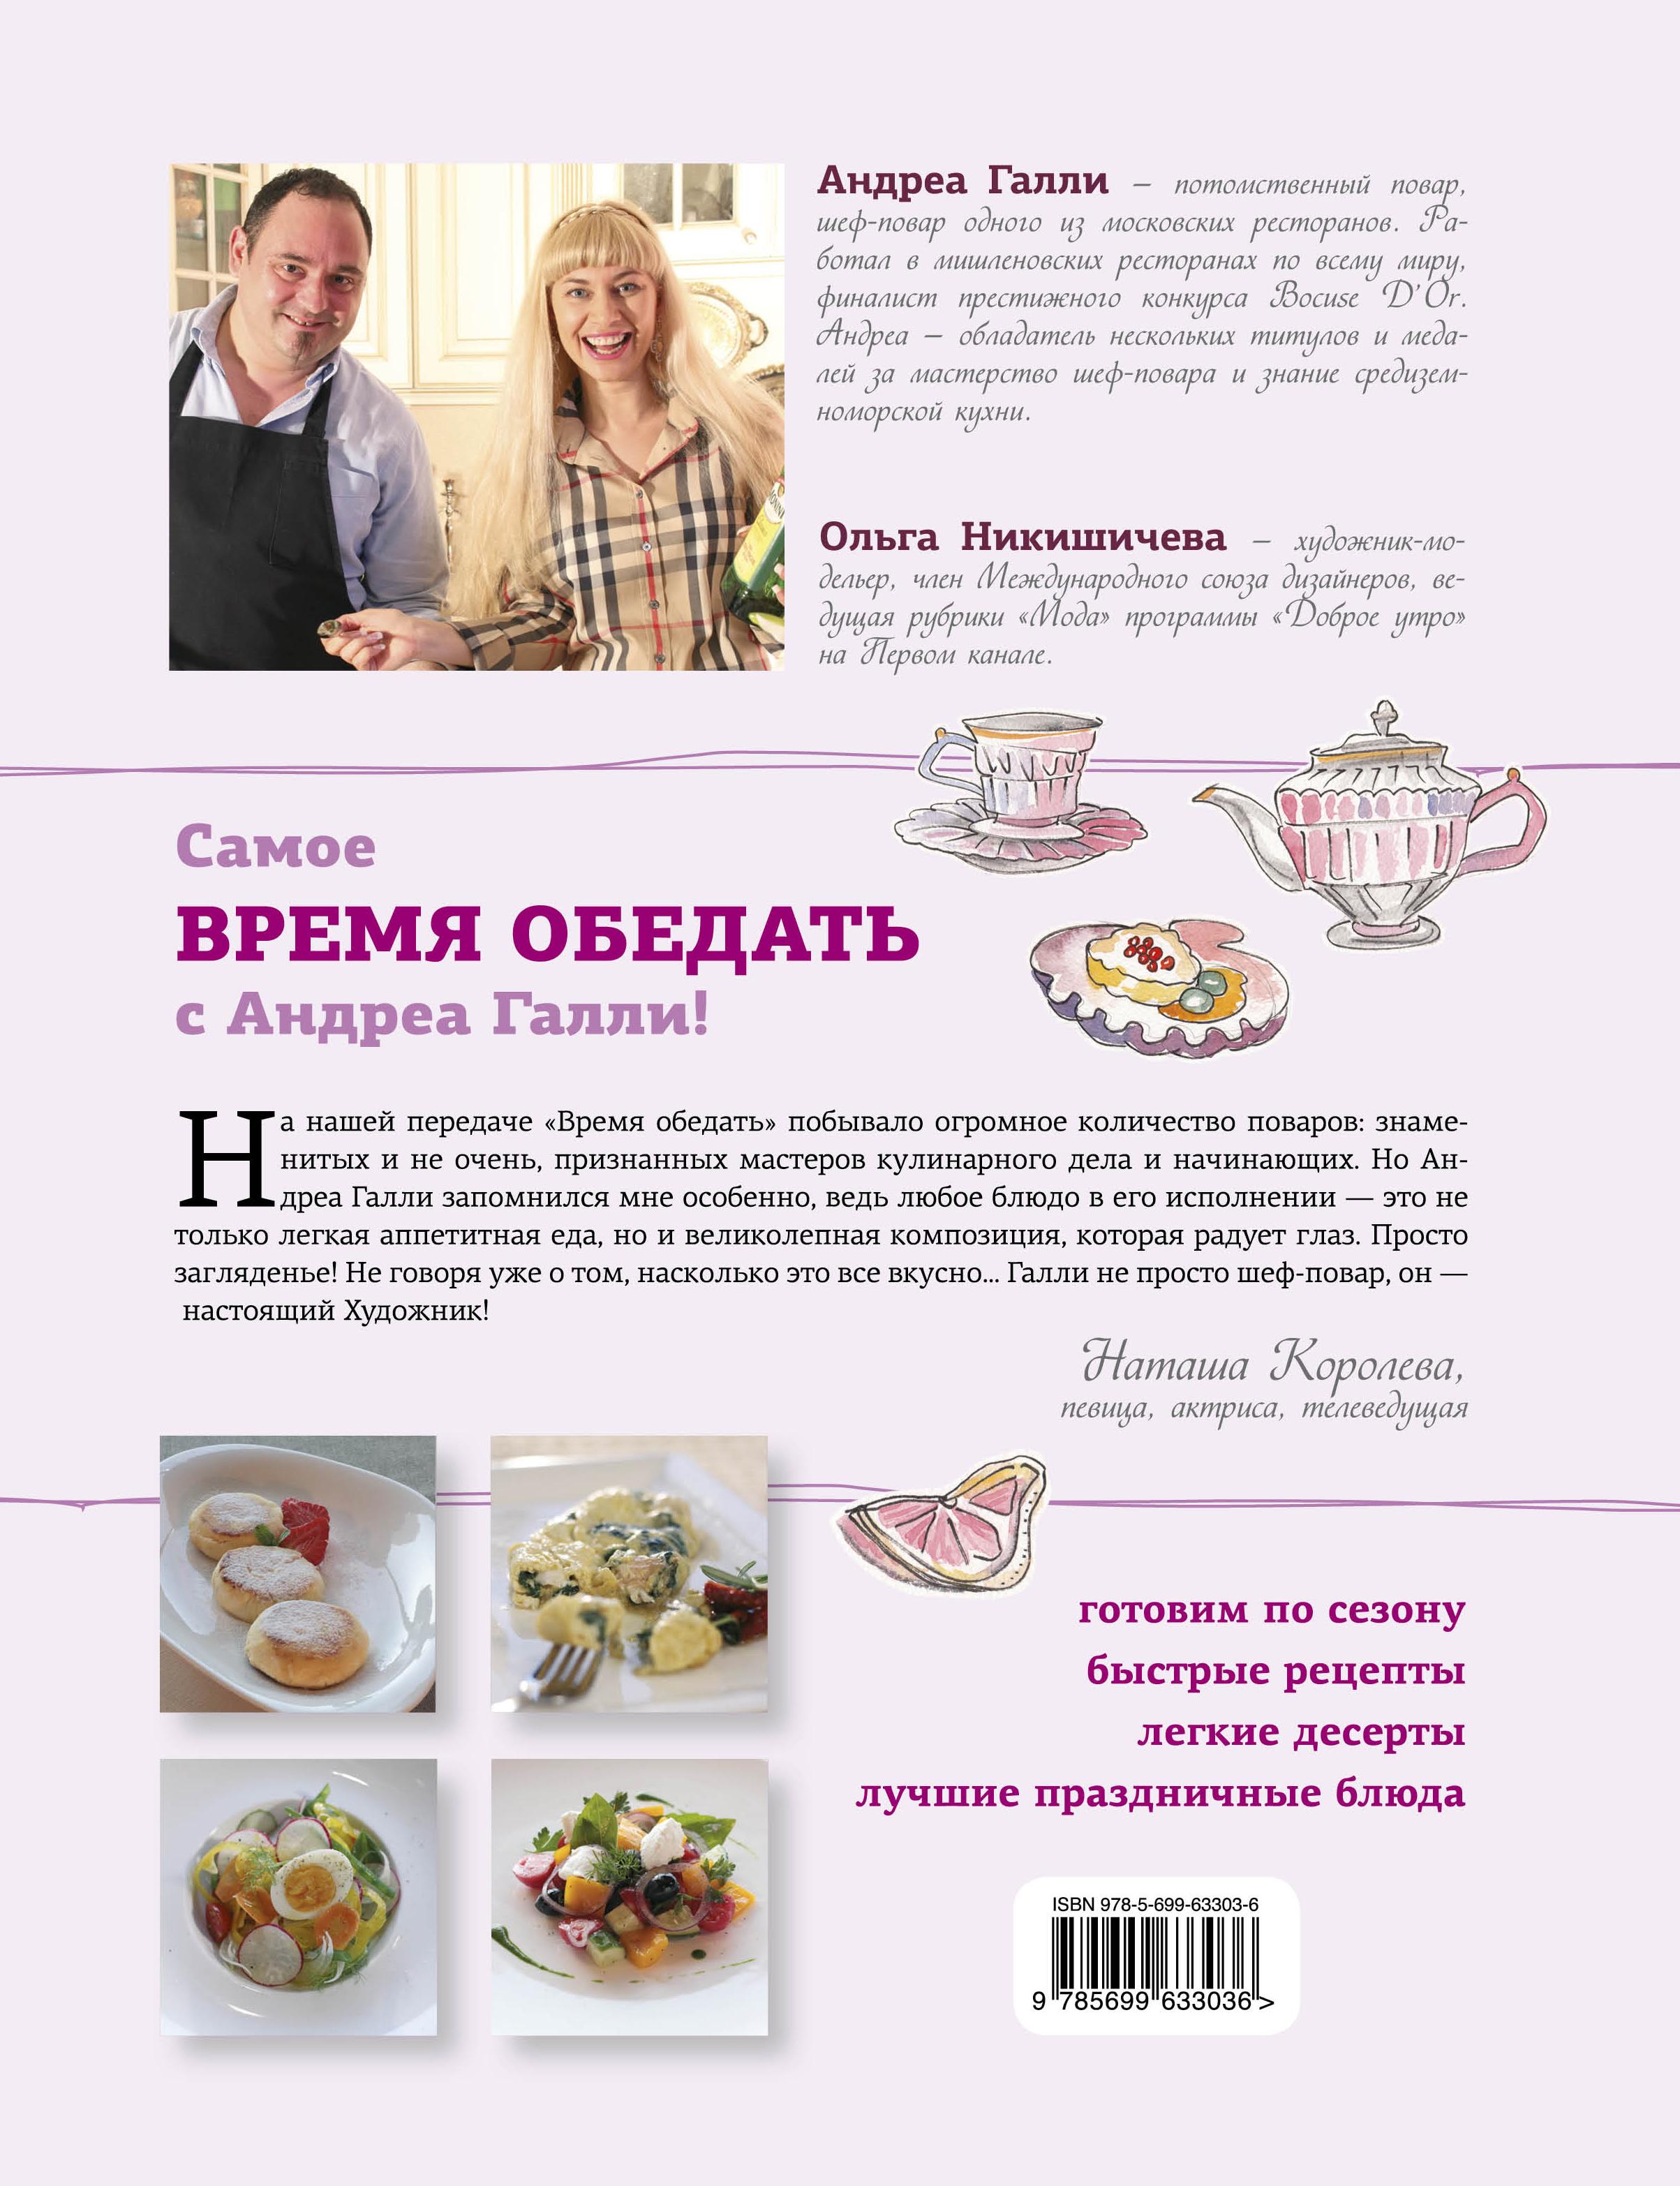 Вкусные рецепты для стройности и настроения